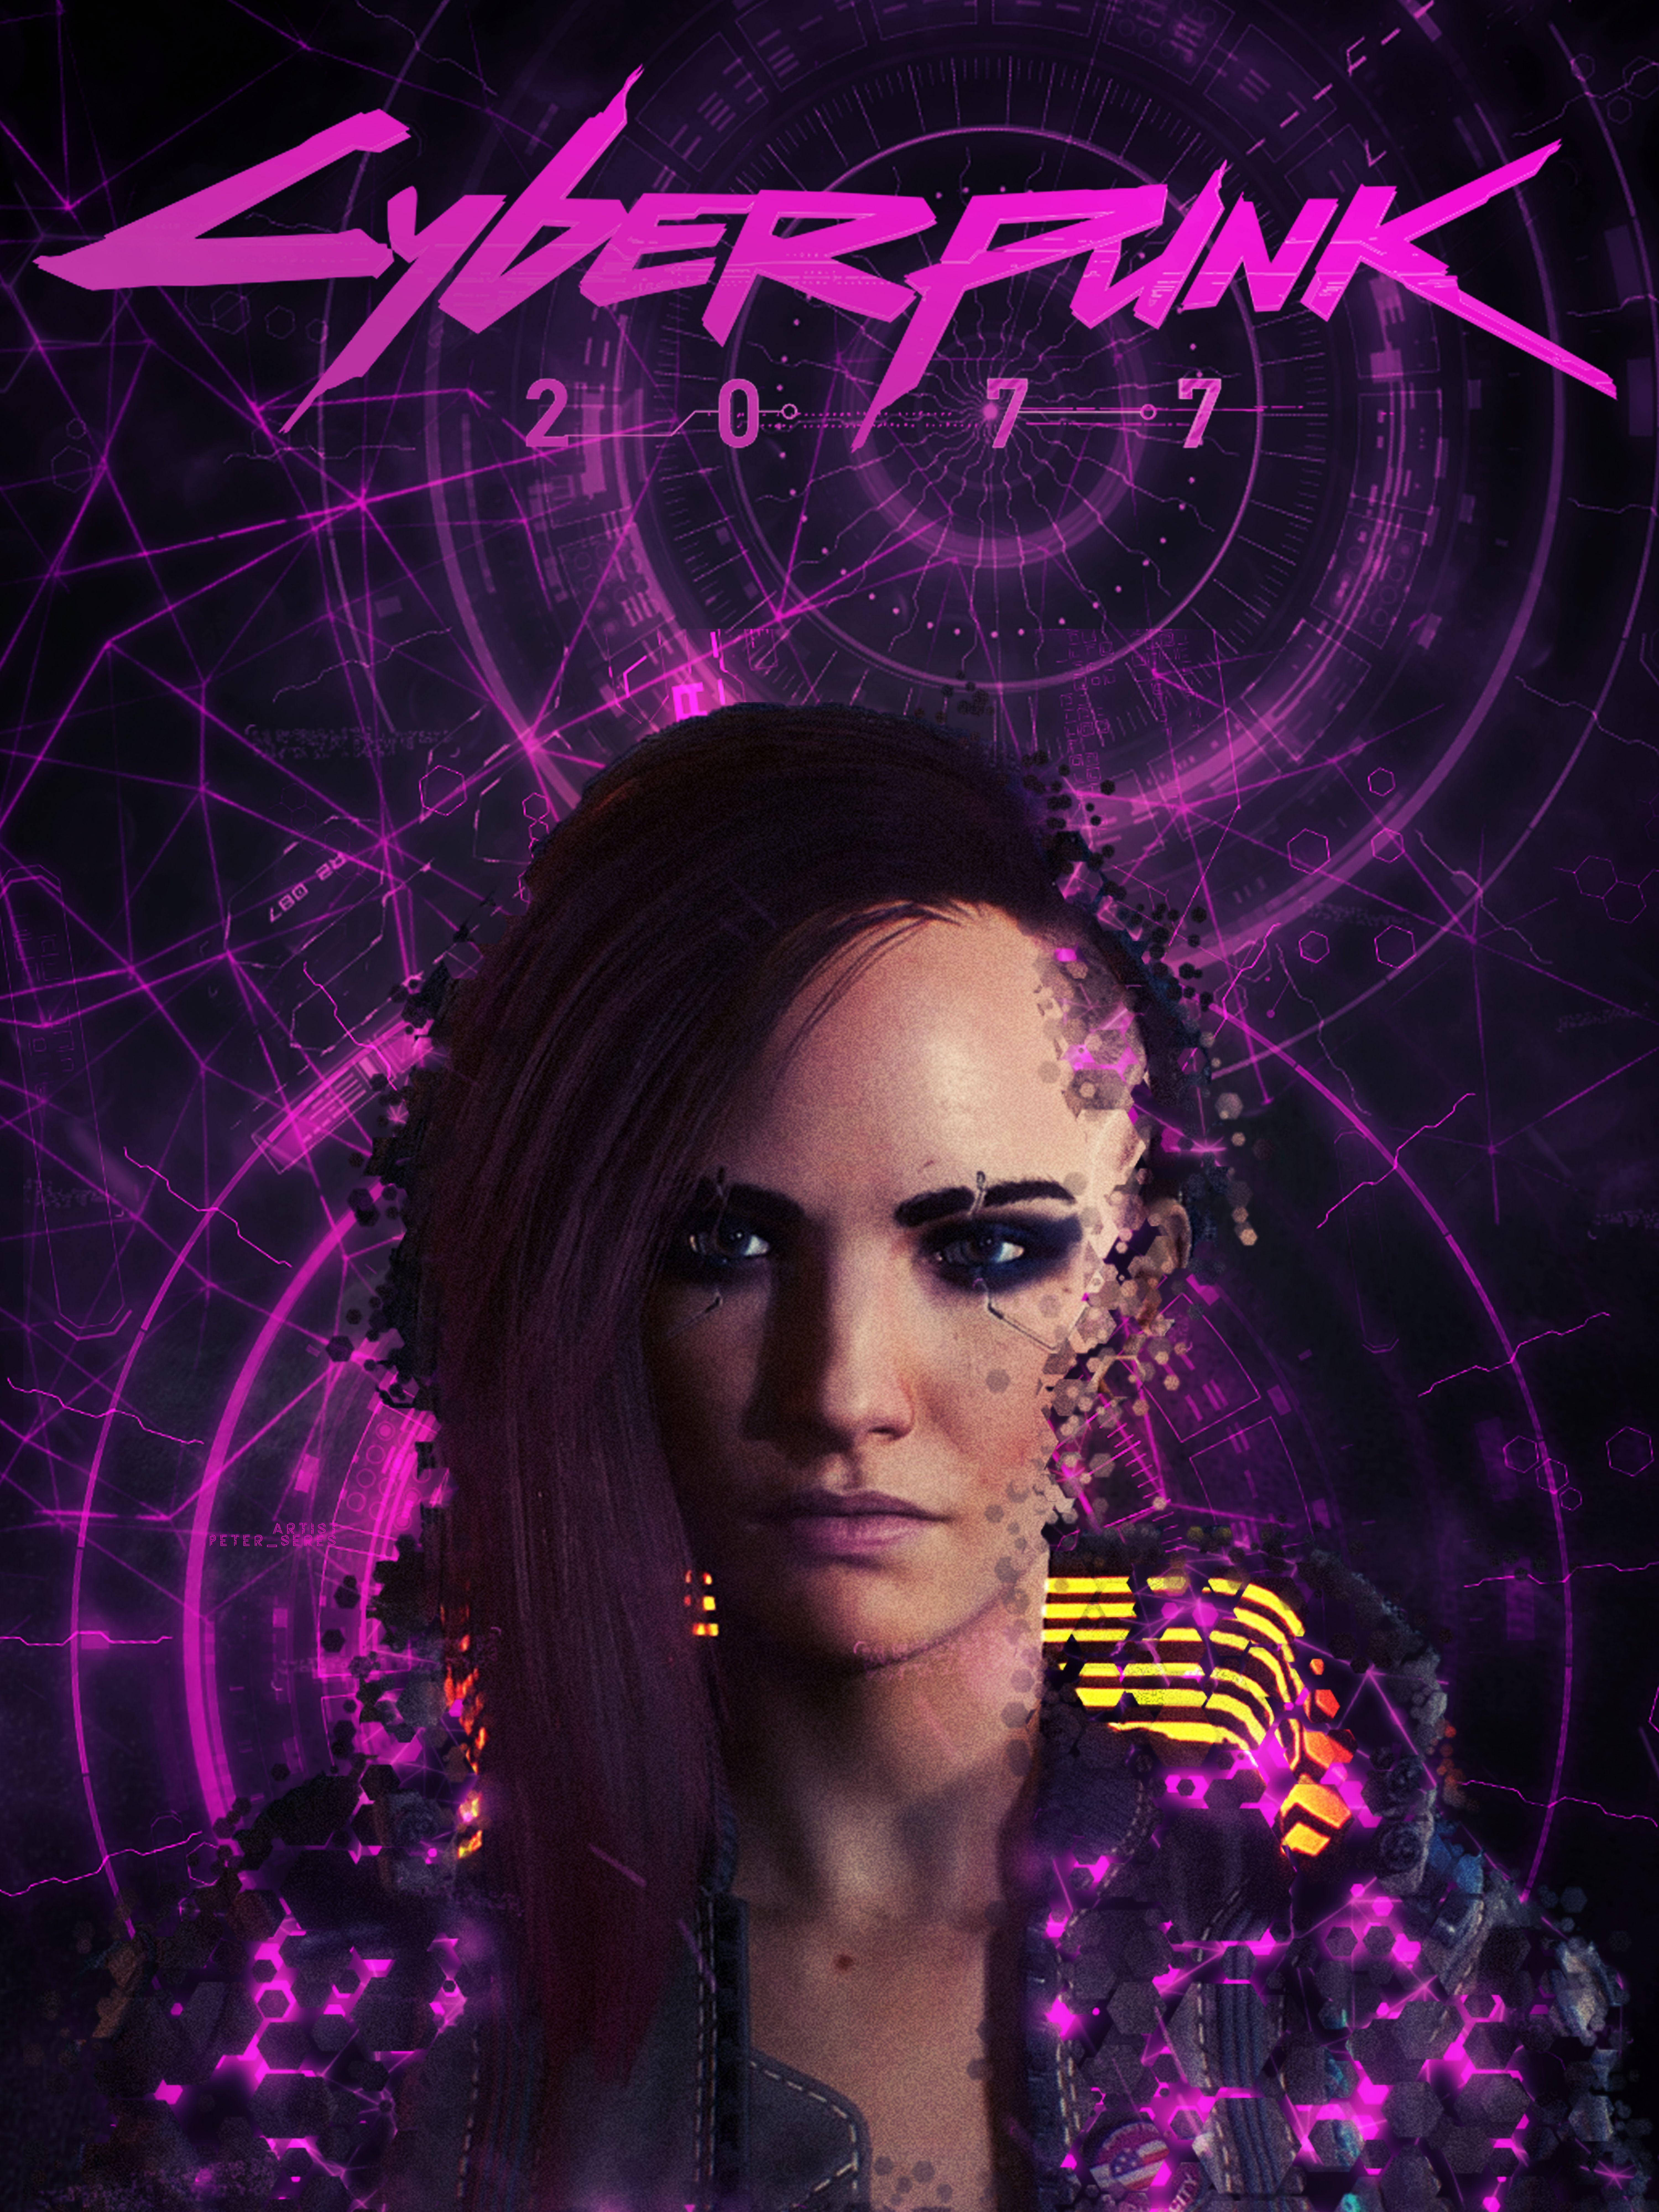 Pin by Hu Y on Cyberpunk Cyberpunk aesthetic, Cyberpunk